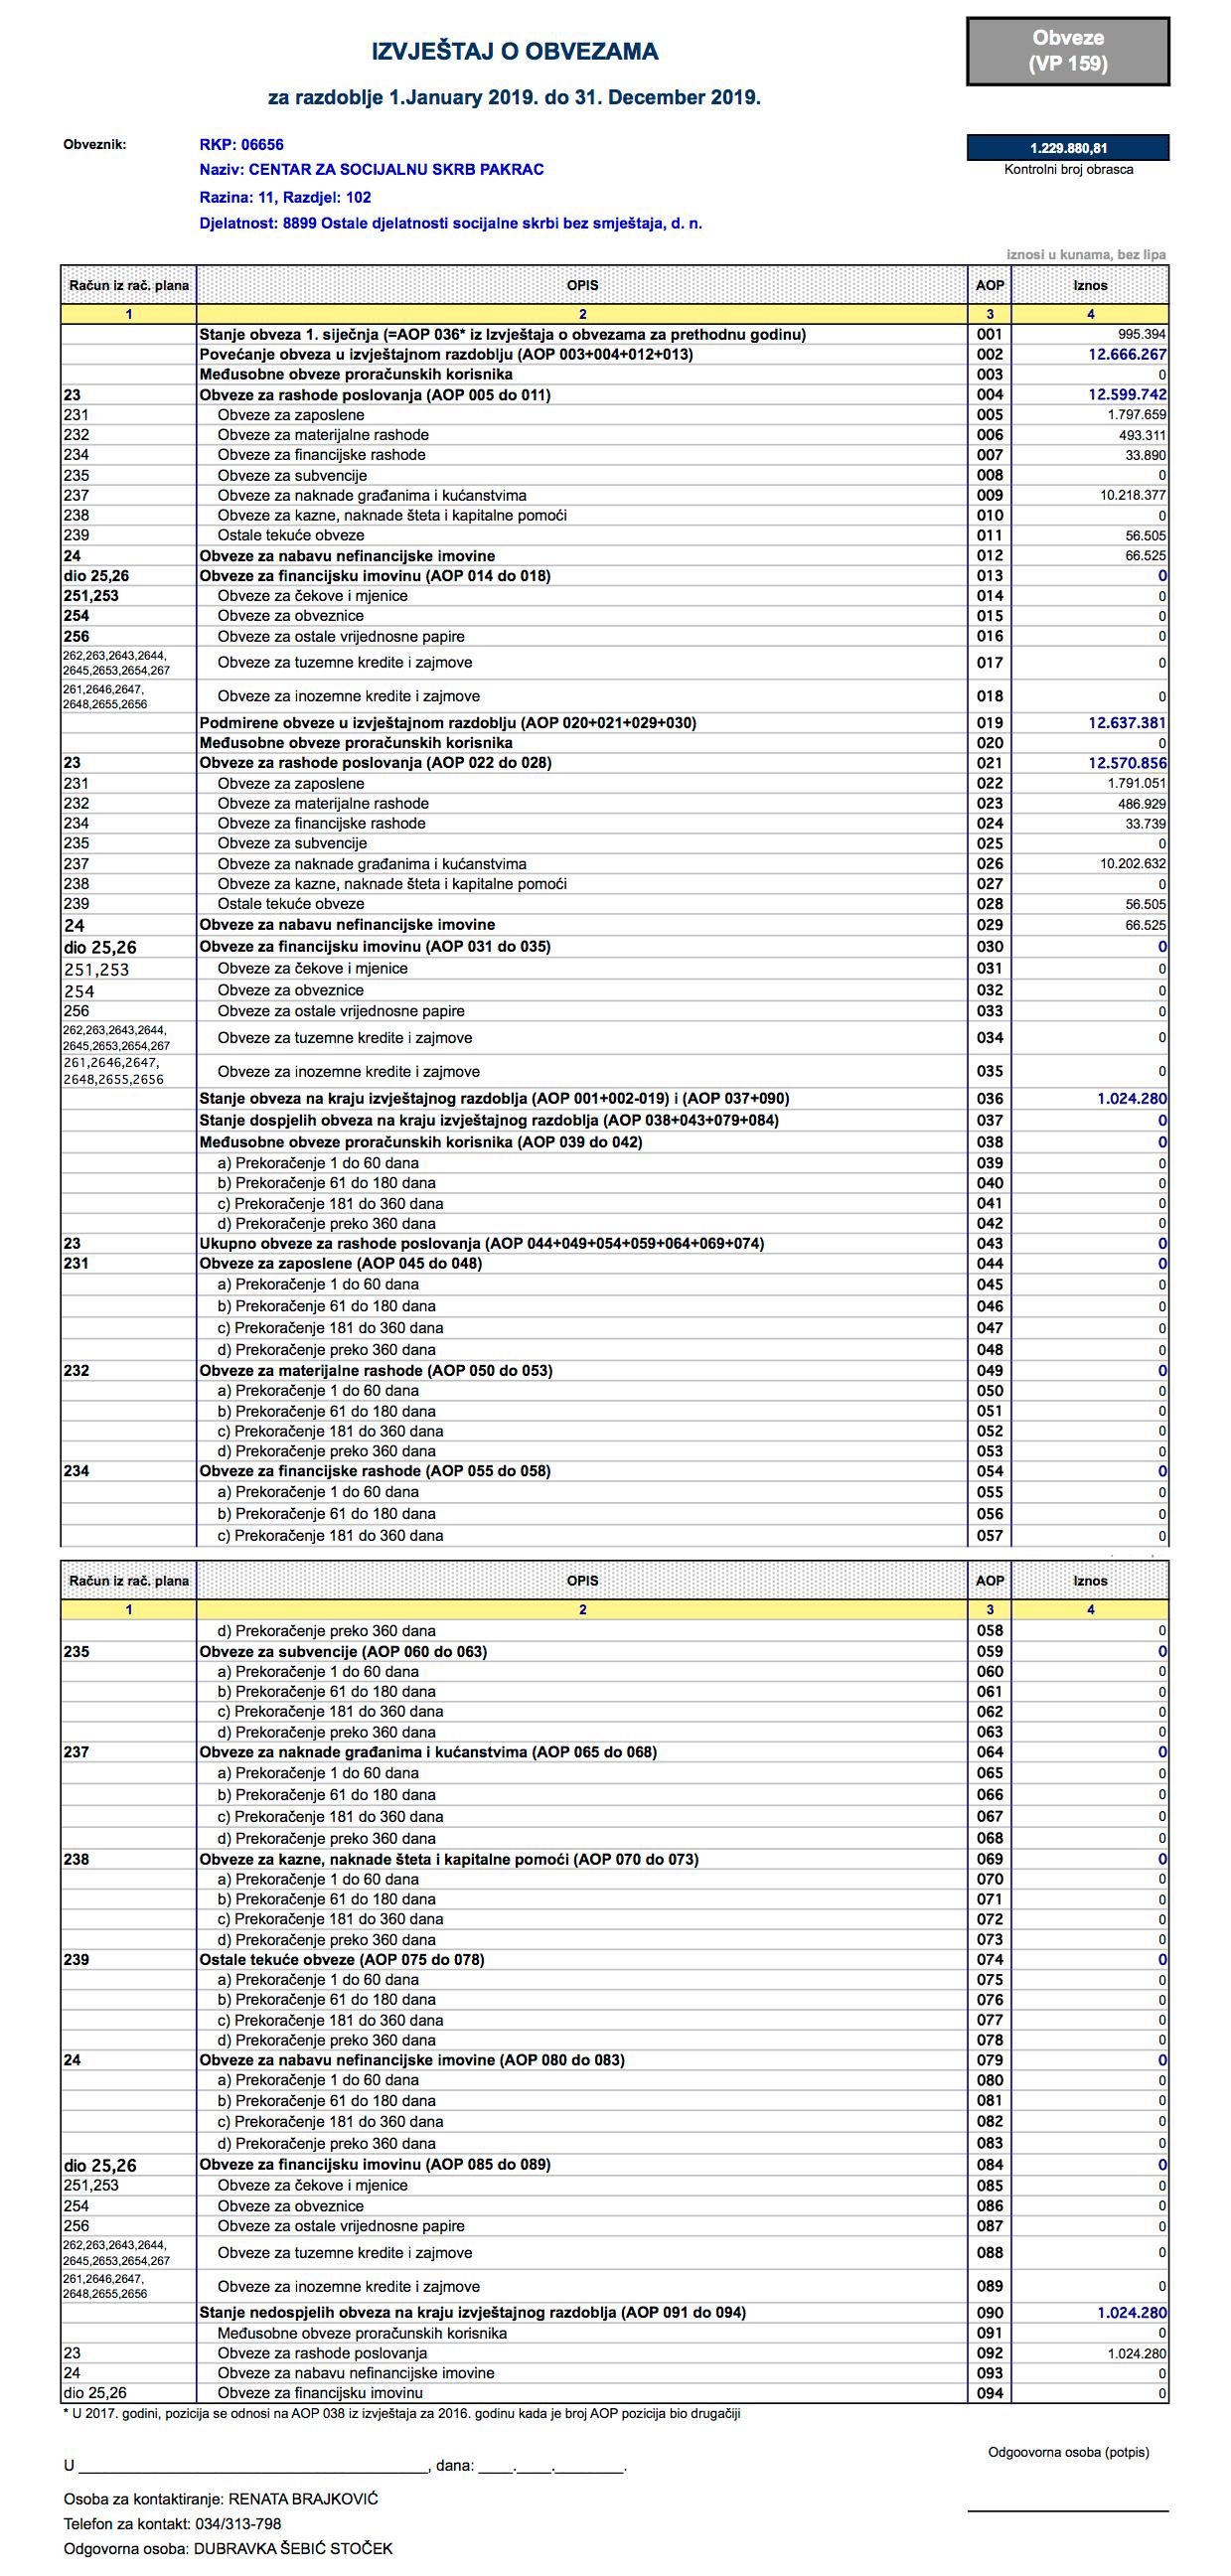 Izvještaj o obvezama iz Financijskog izvještaja Centra za 2019. godinu